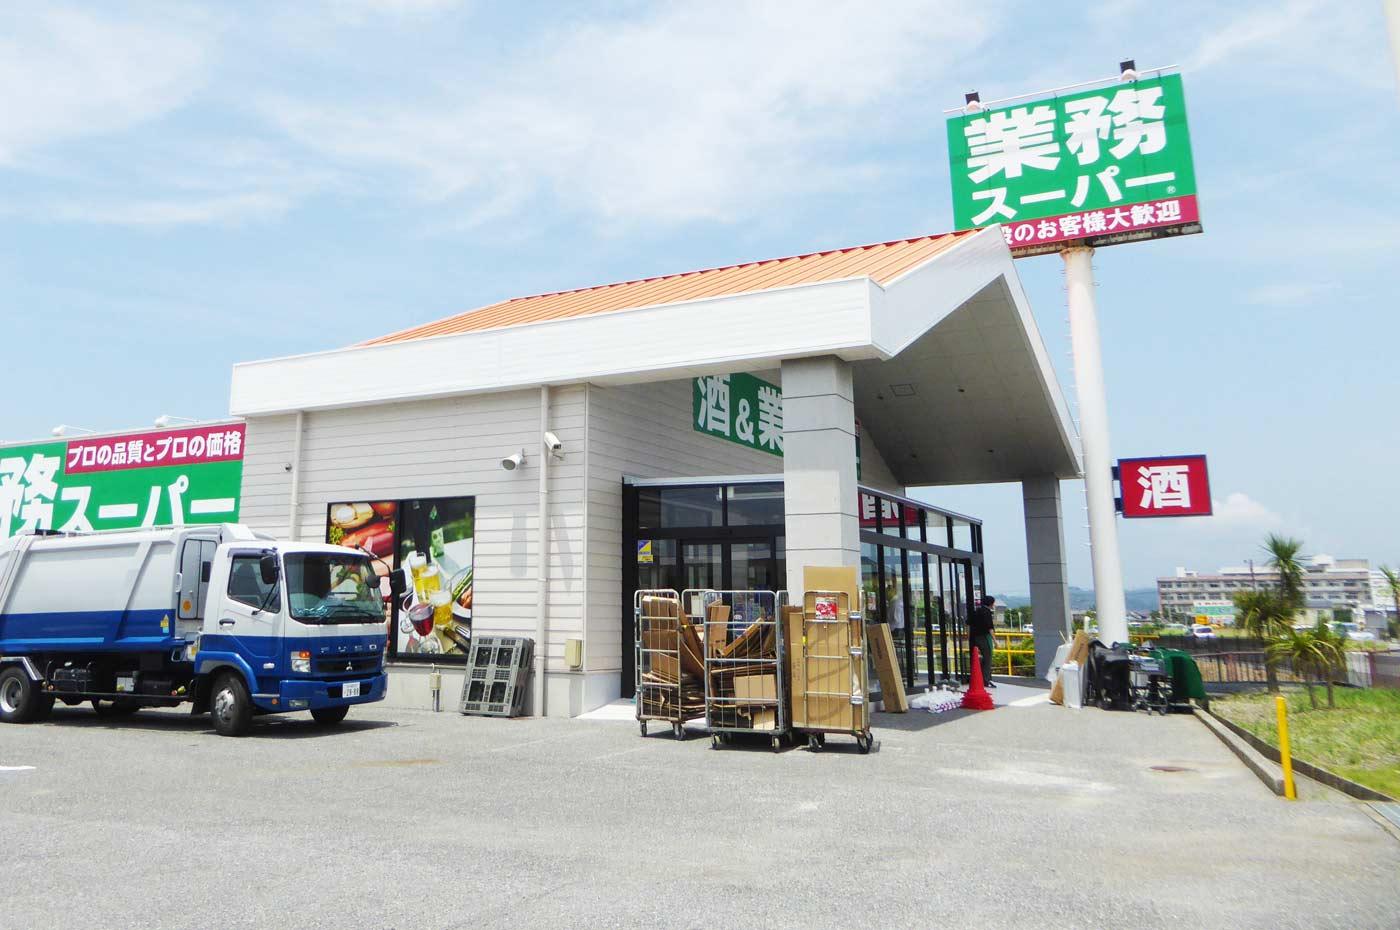 業務スーパー館山店の店舗外観